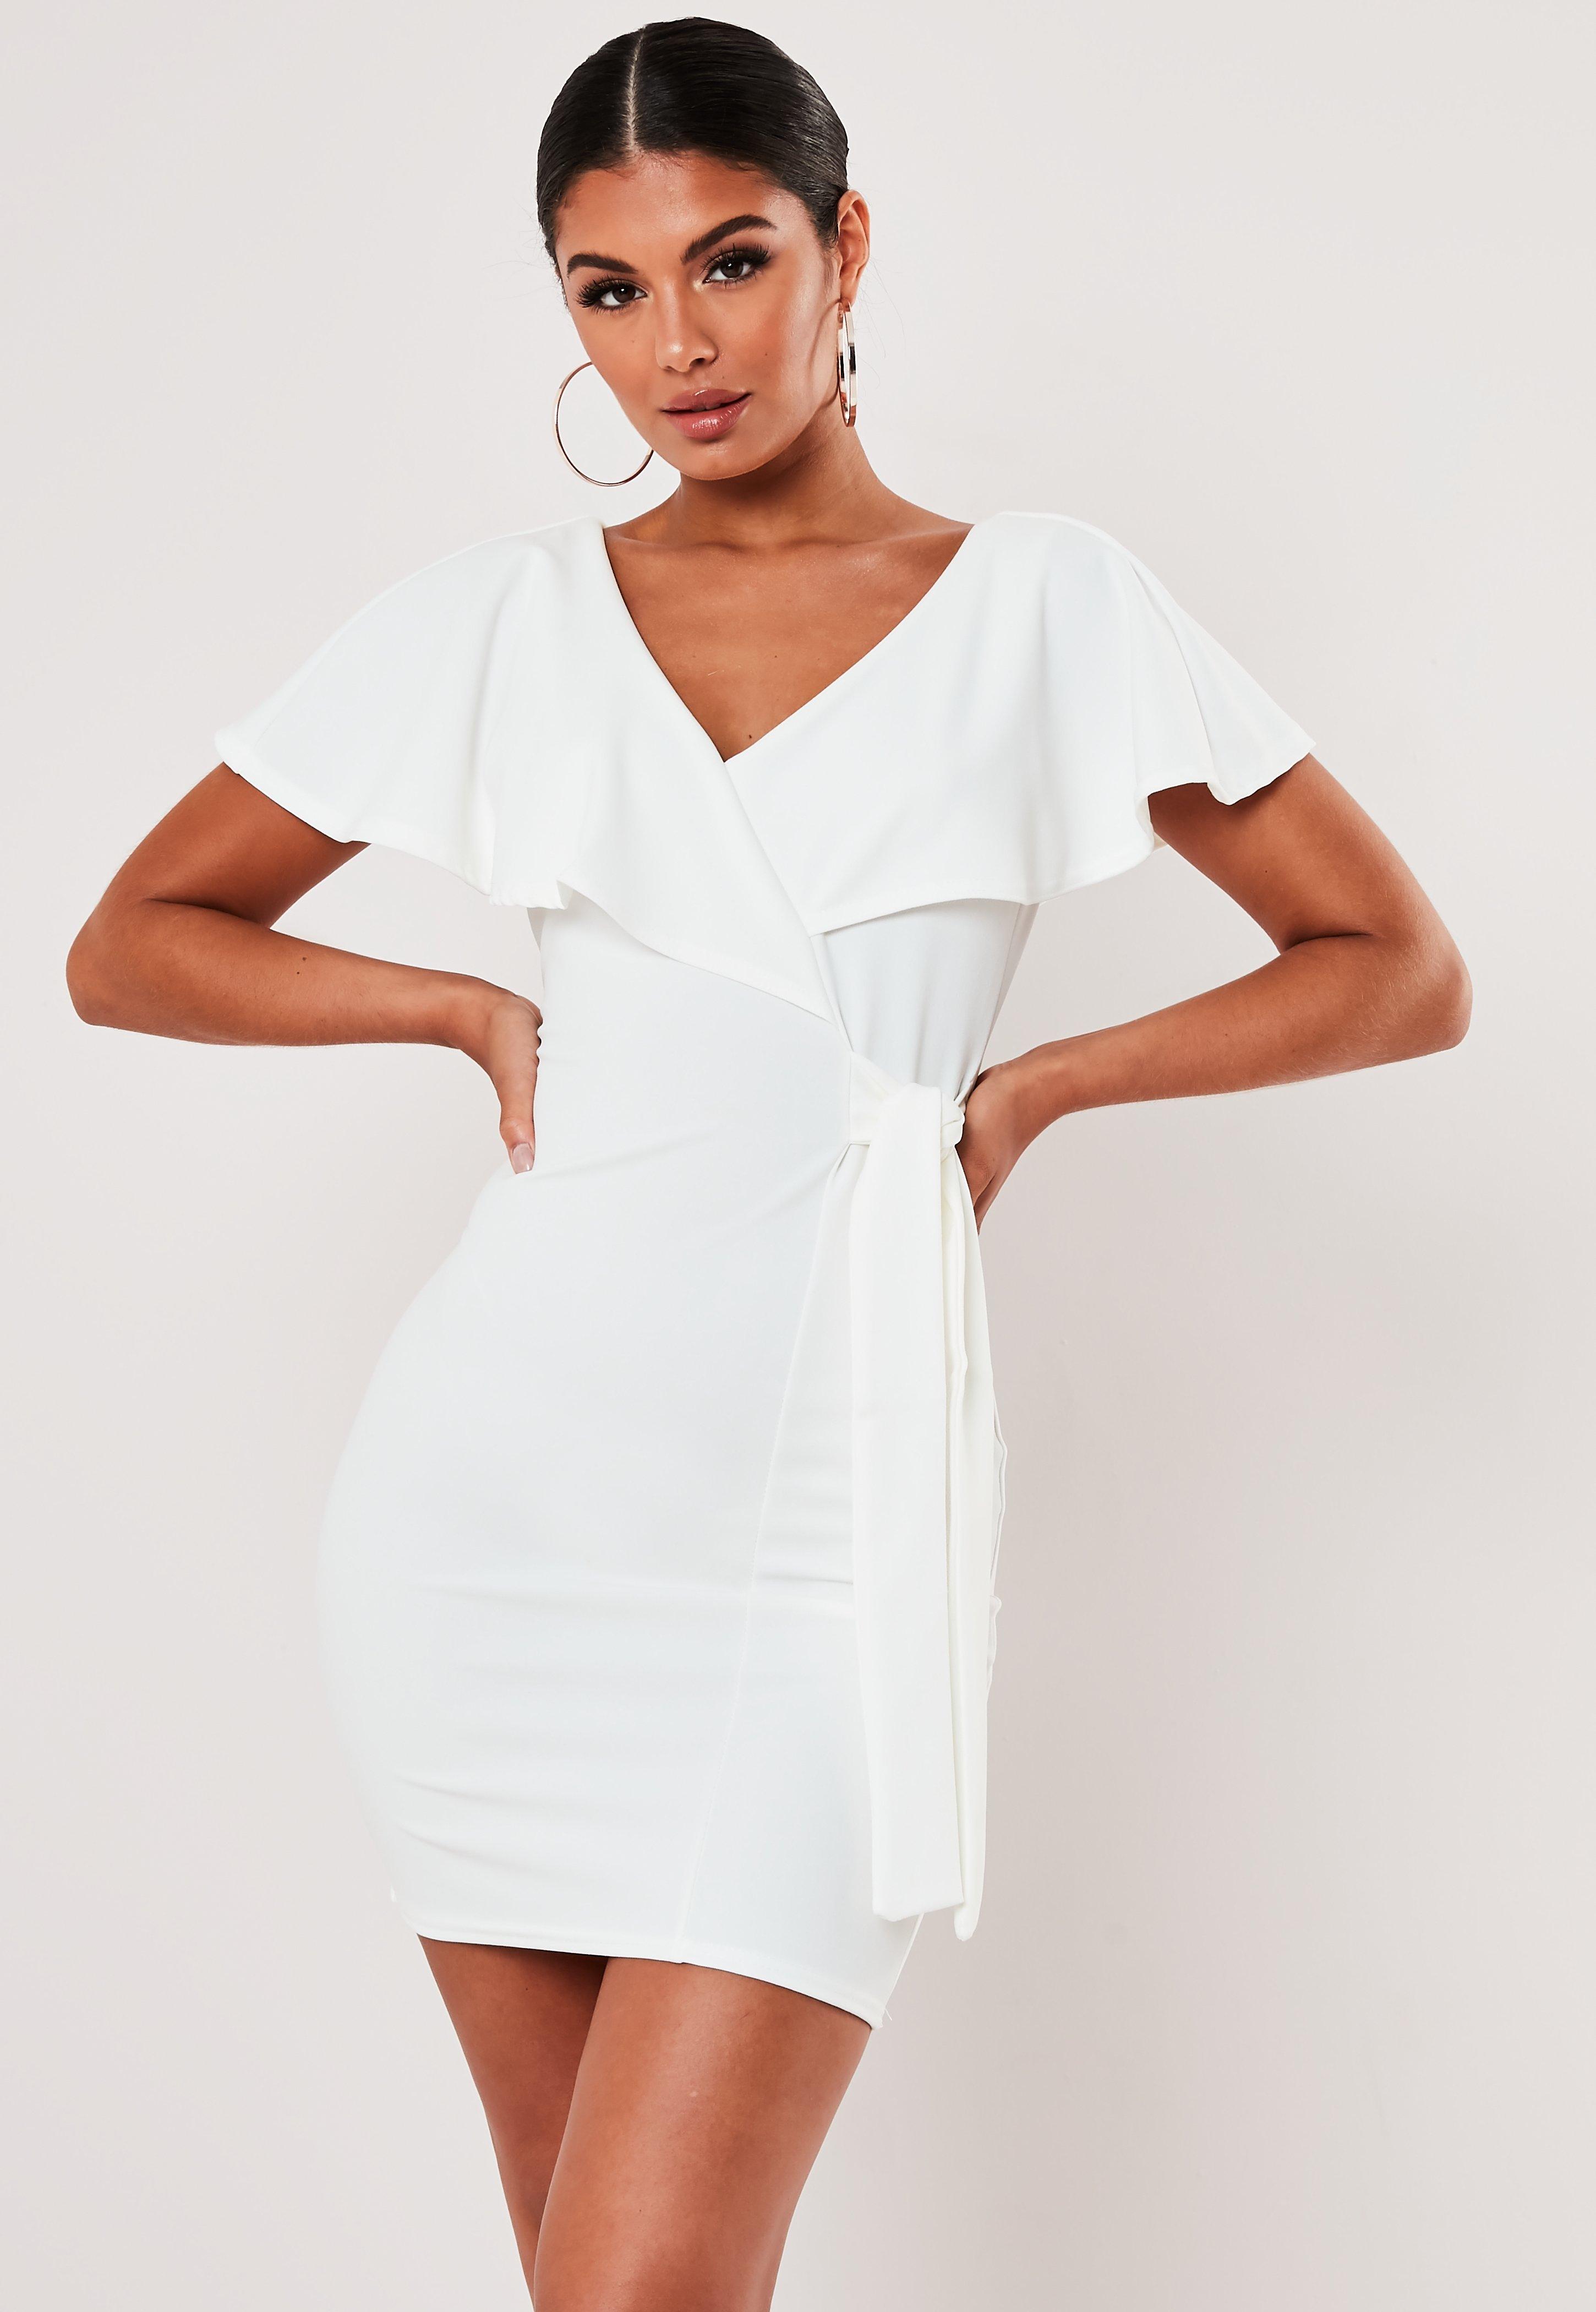 f2f4a4606b2f Wrap Dresses | Wrap dress & Tie Waist Dresses - Missguided